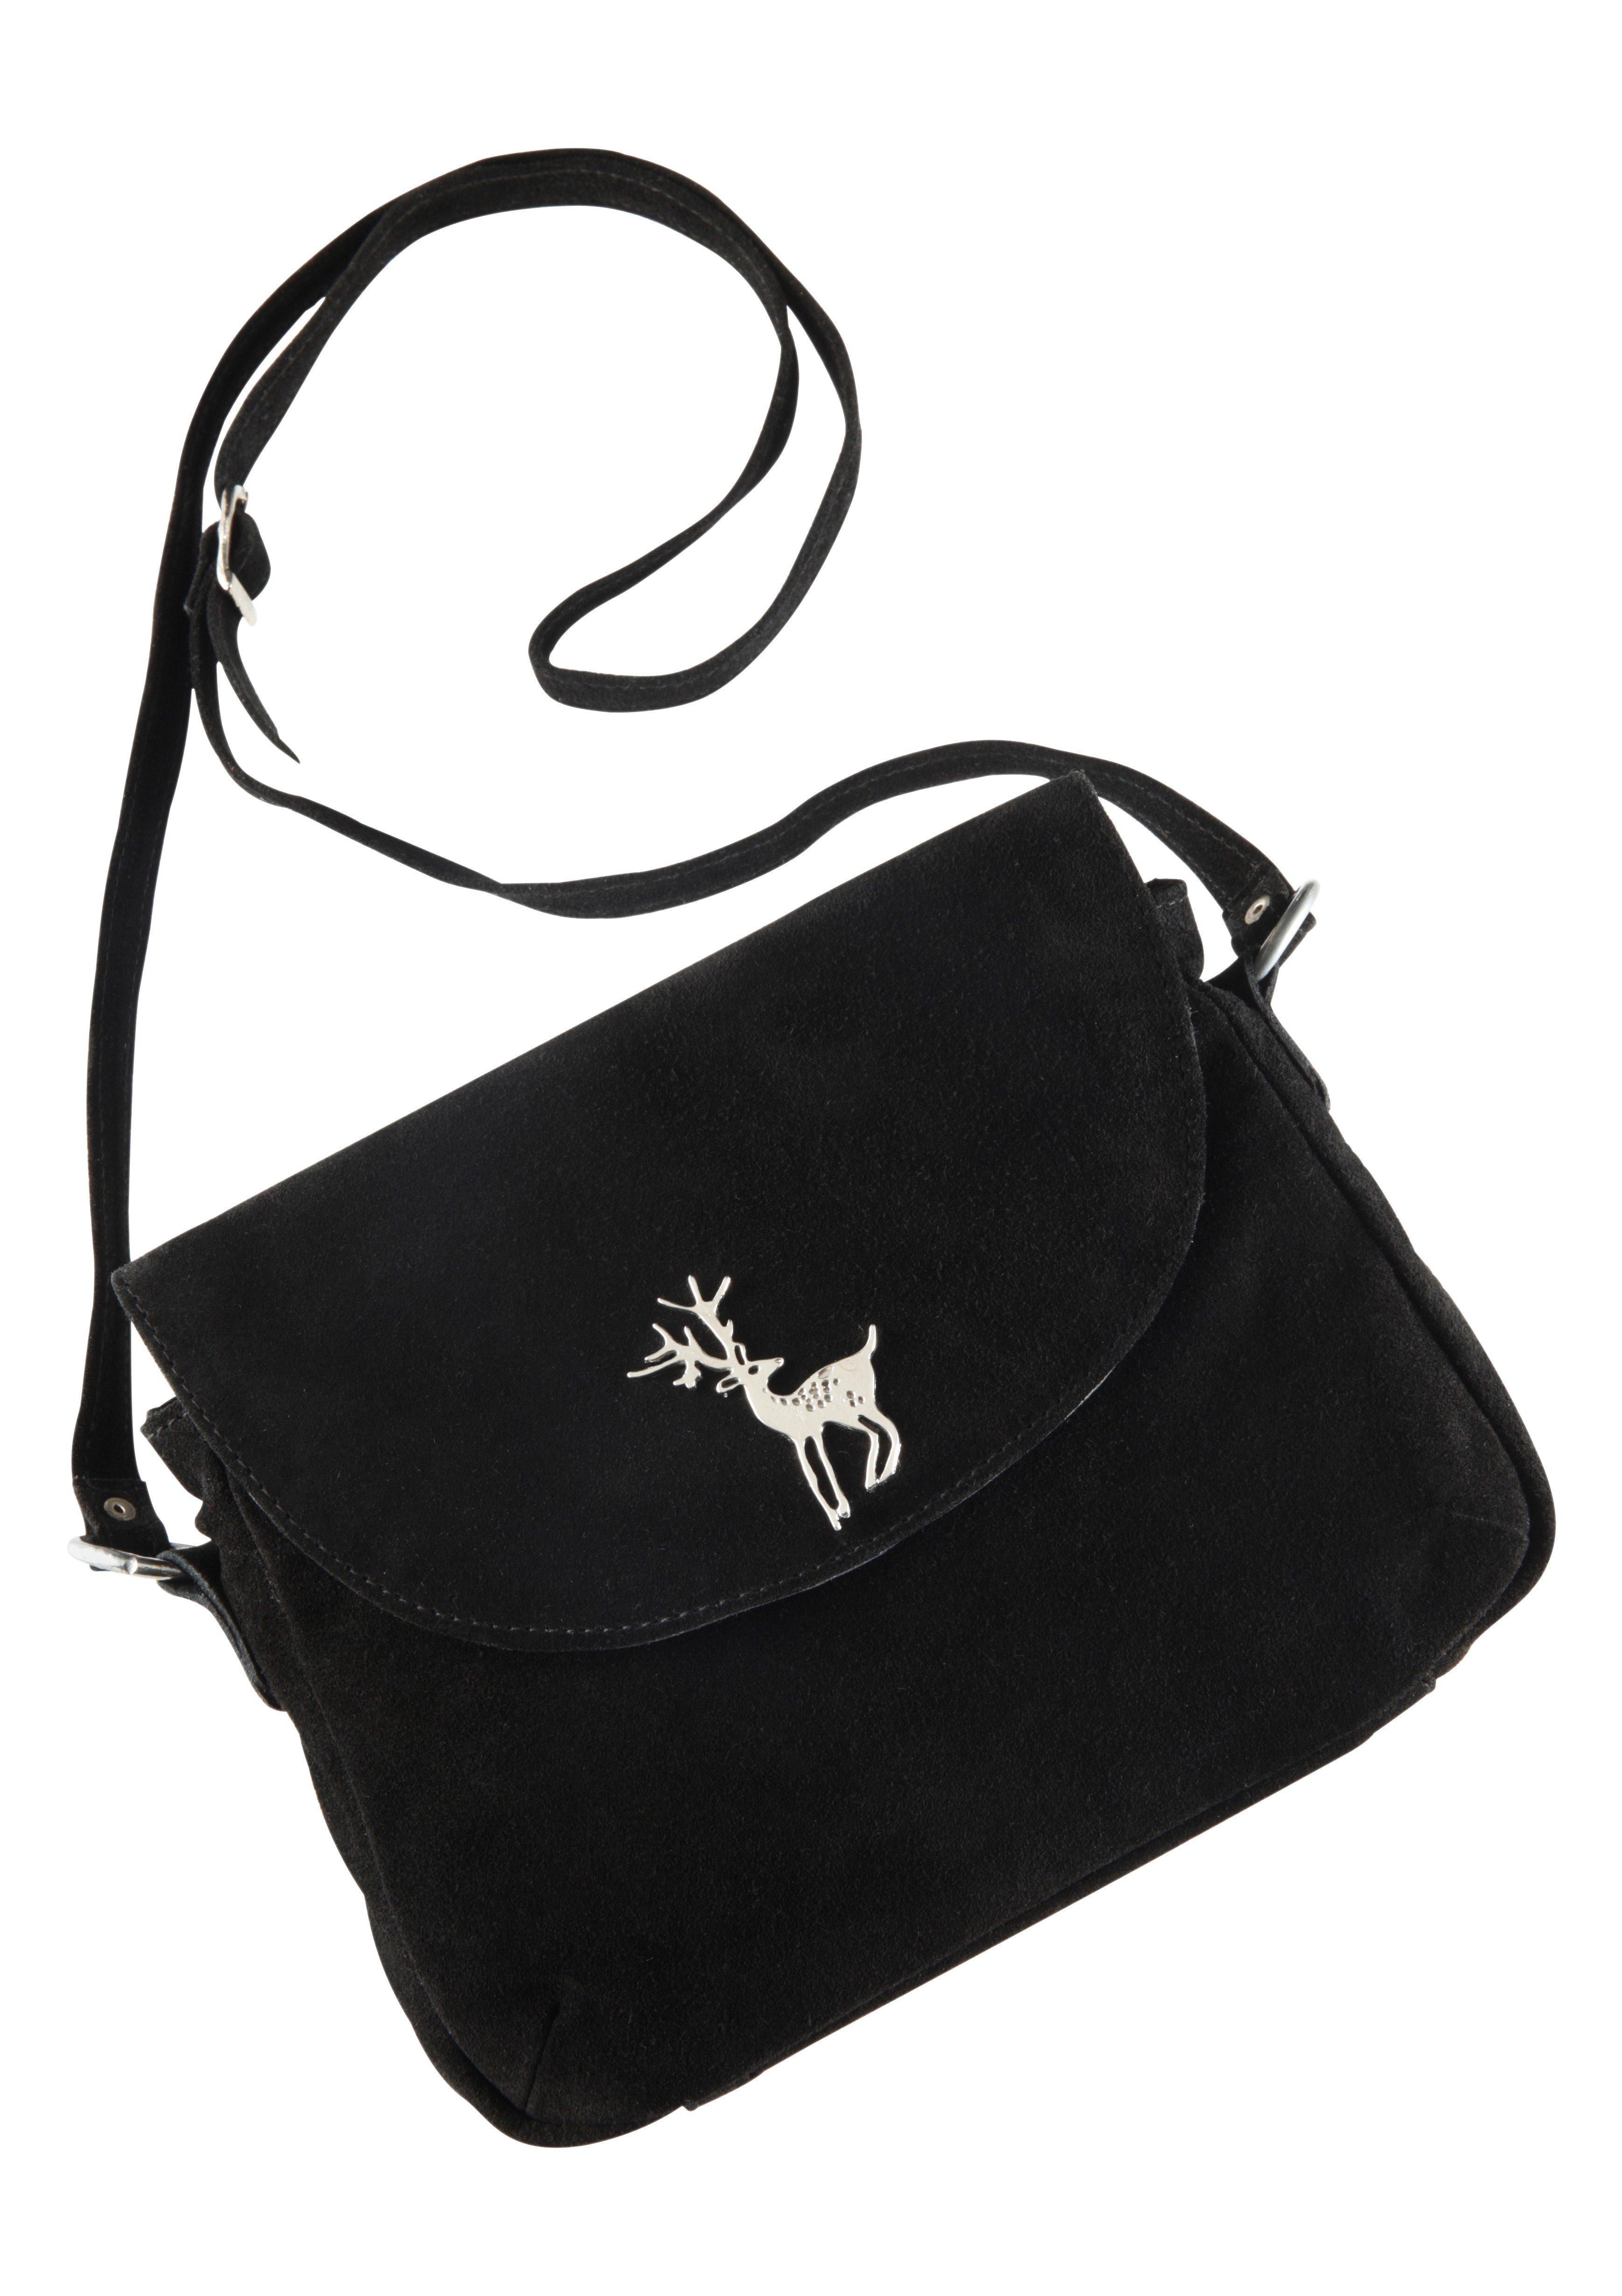 Trachtentasche mit Hirschapplikation, KABE Leder-Accessoires